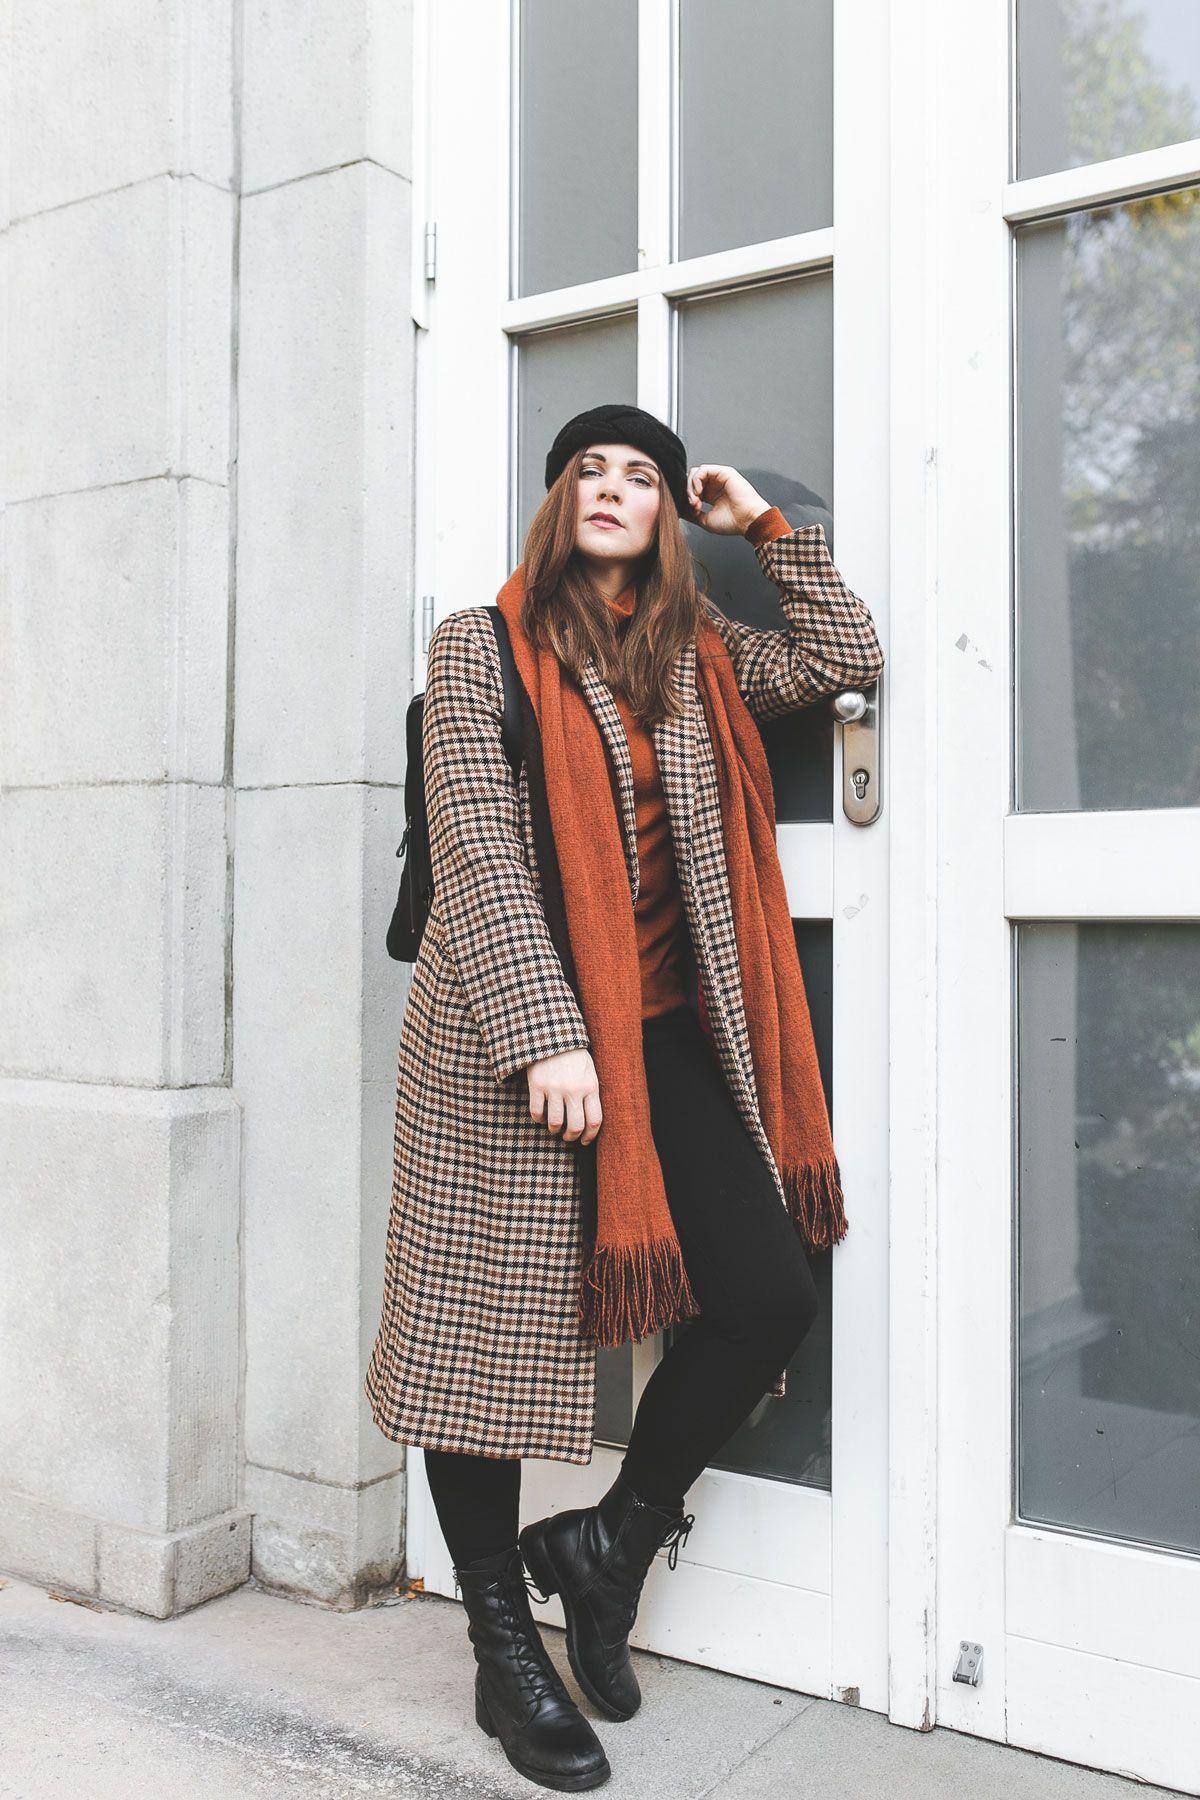 Mein Kariertem Herbstwinter Und Mit Outfit Mantel Schwarzem H9WYID2E